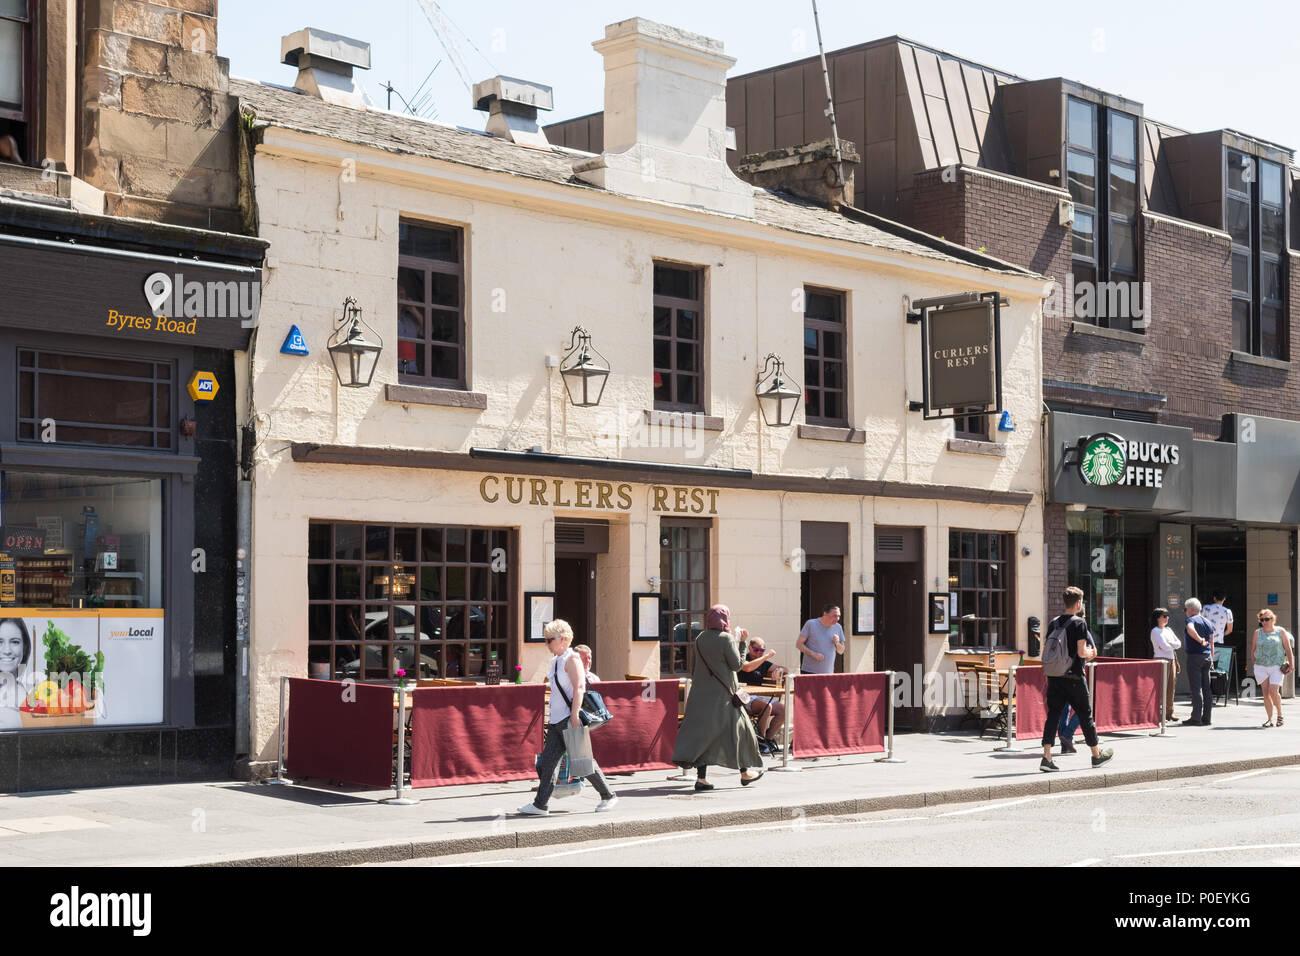 Bigoudis reste Pub, Byres Road, Glasgow, Scotland, UK Photo Stock